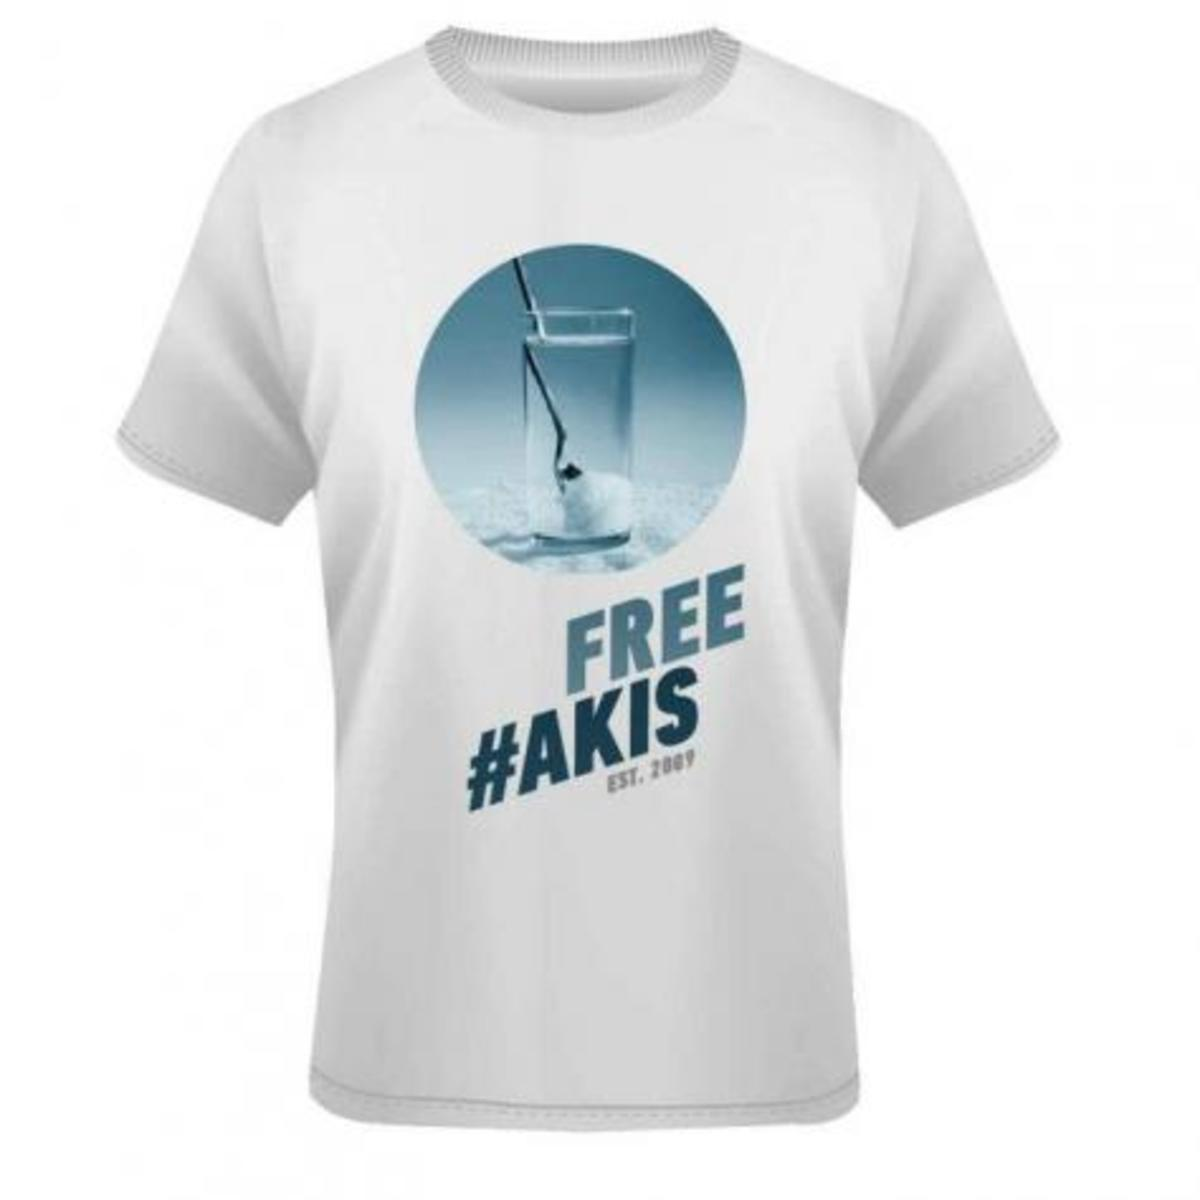 Κυκλοφόρησαν μπλουζάκια FREE AKIS! Δείτε τα! | Newsit.gr